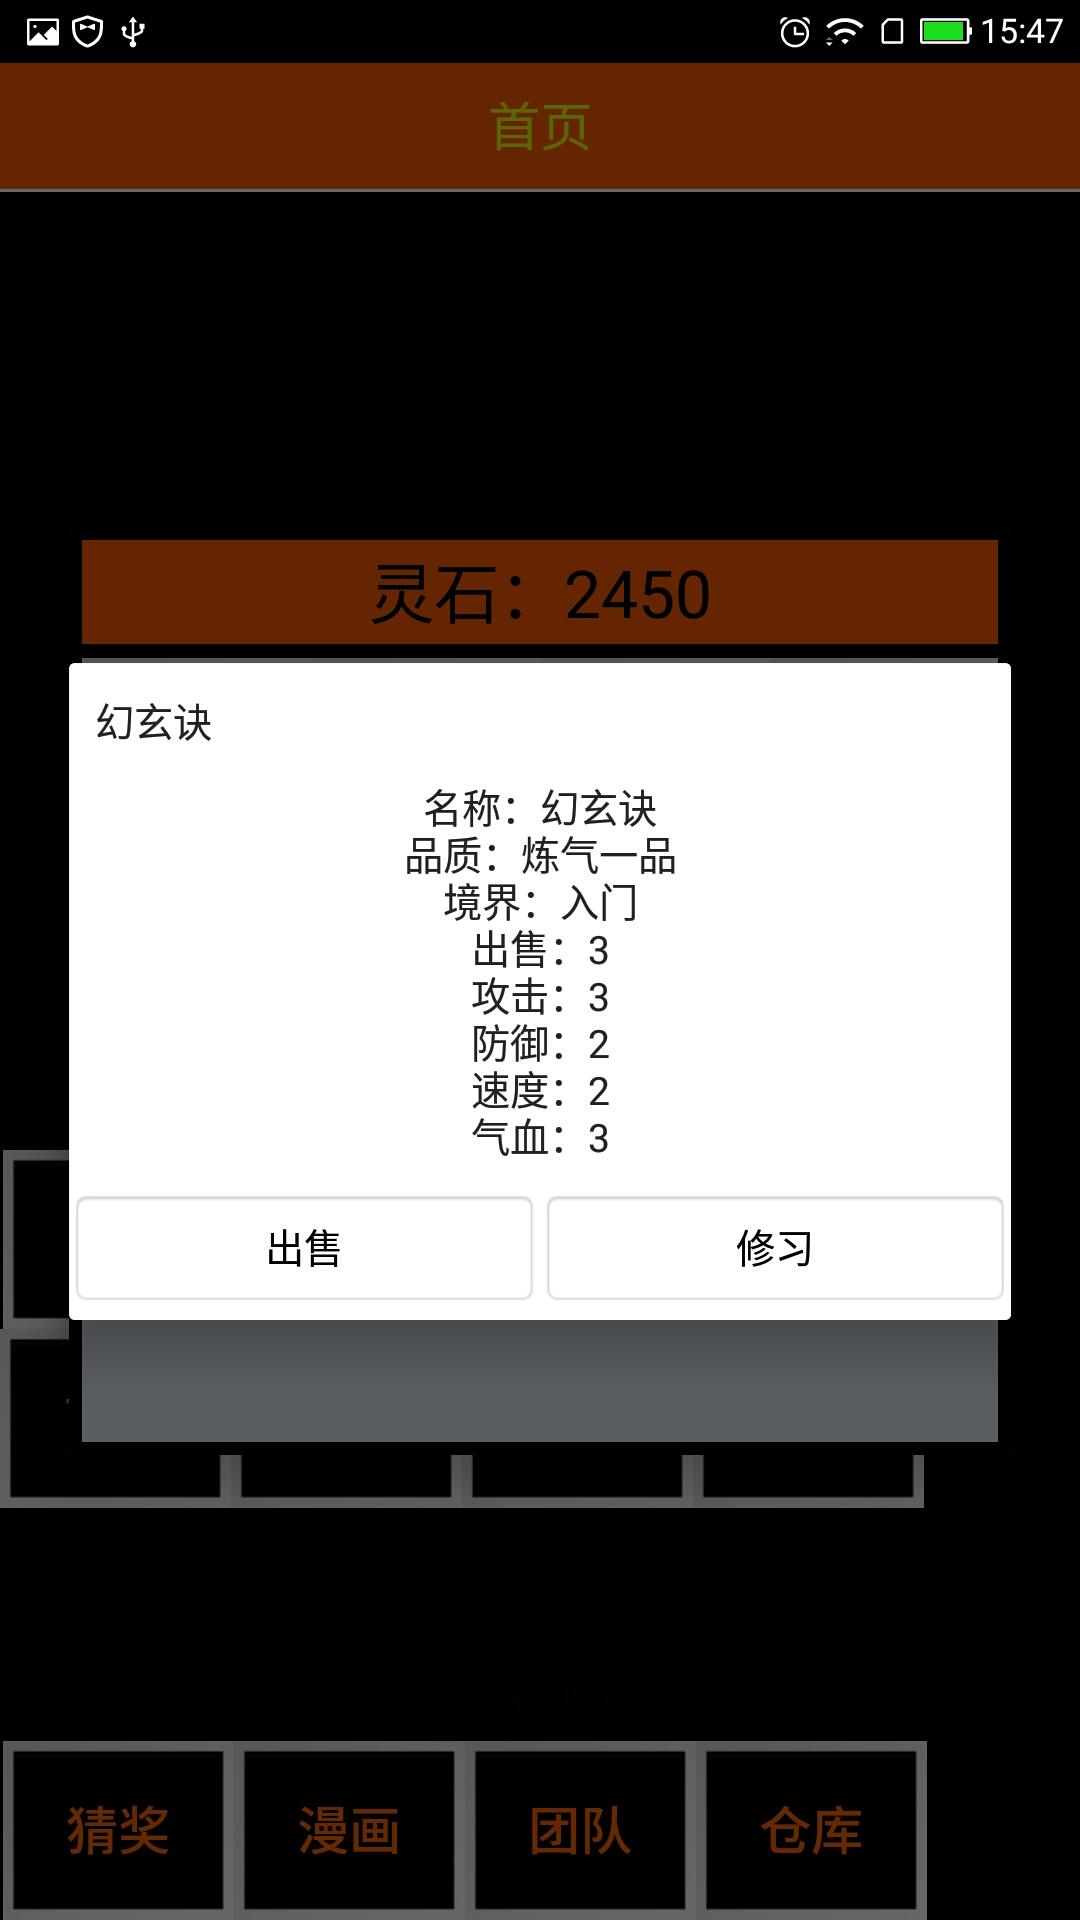 不正精修仙 v3.8截图